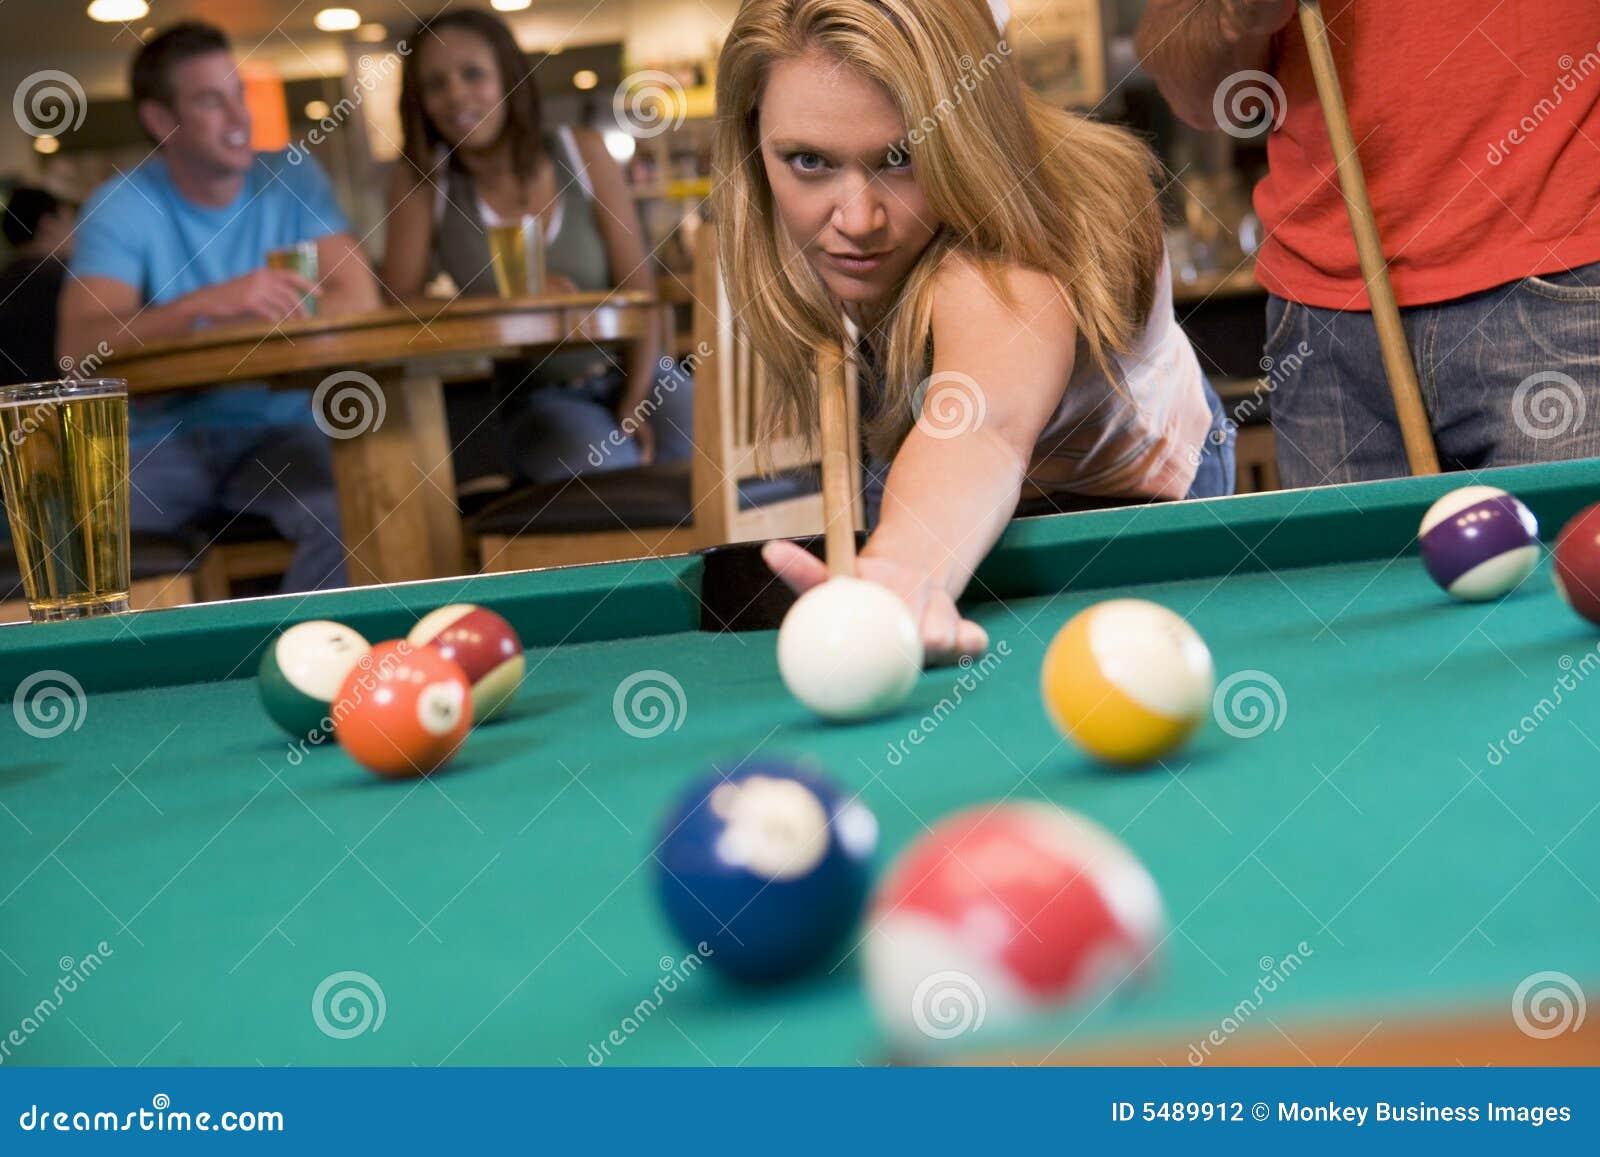 Учил девку играть в бильярд и 7 фотография